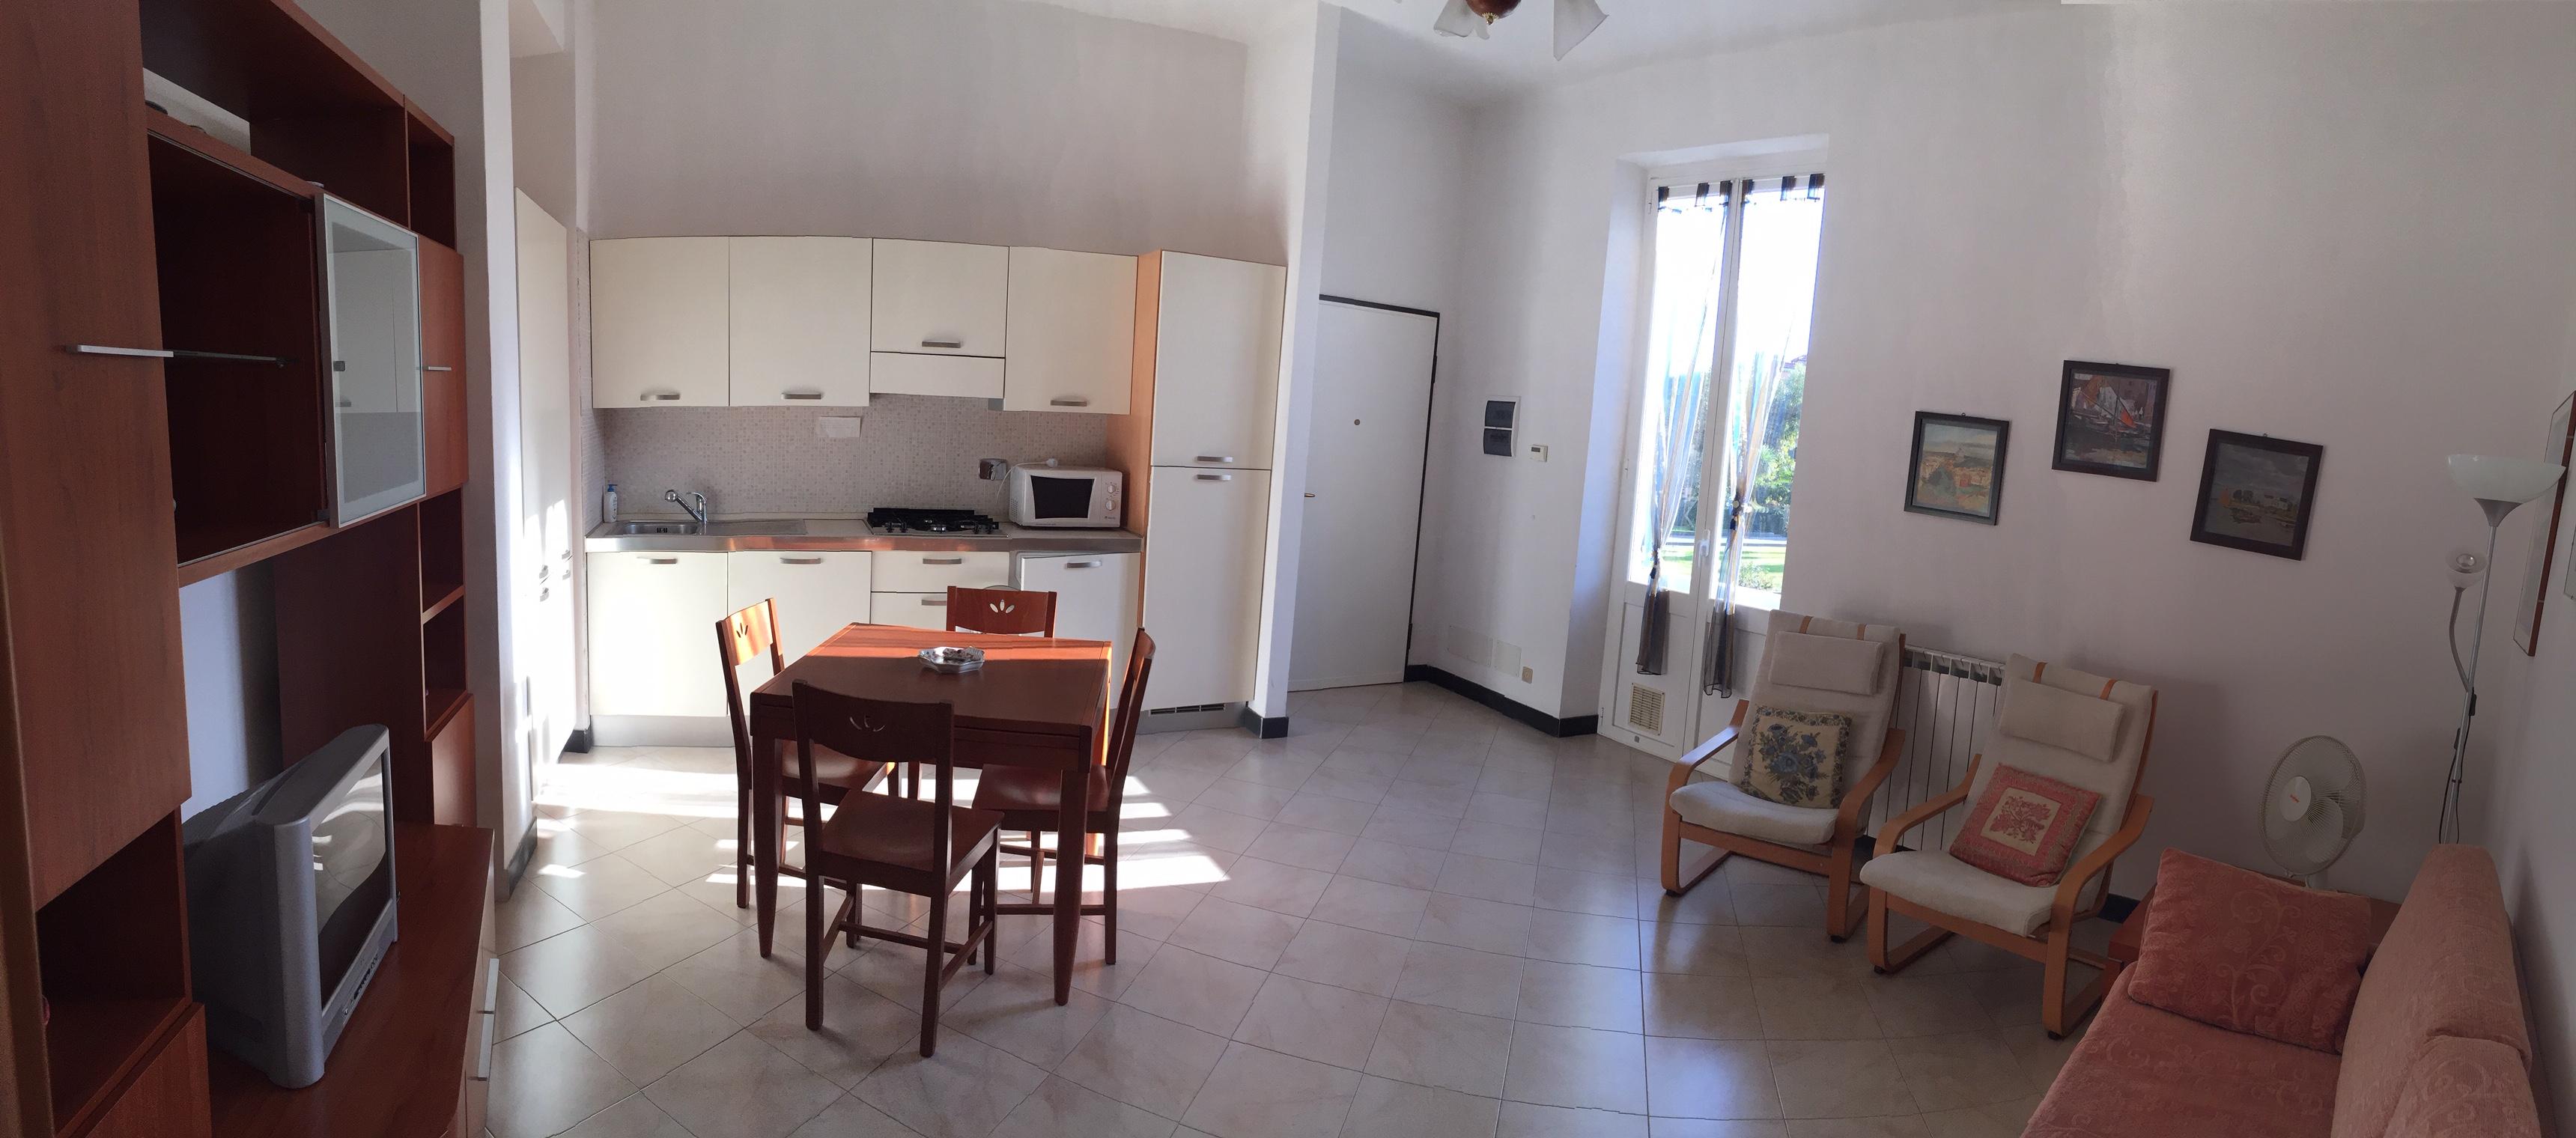 Appartamento Sestri Levante - Agenzia Immobiliare Baia del ...